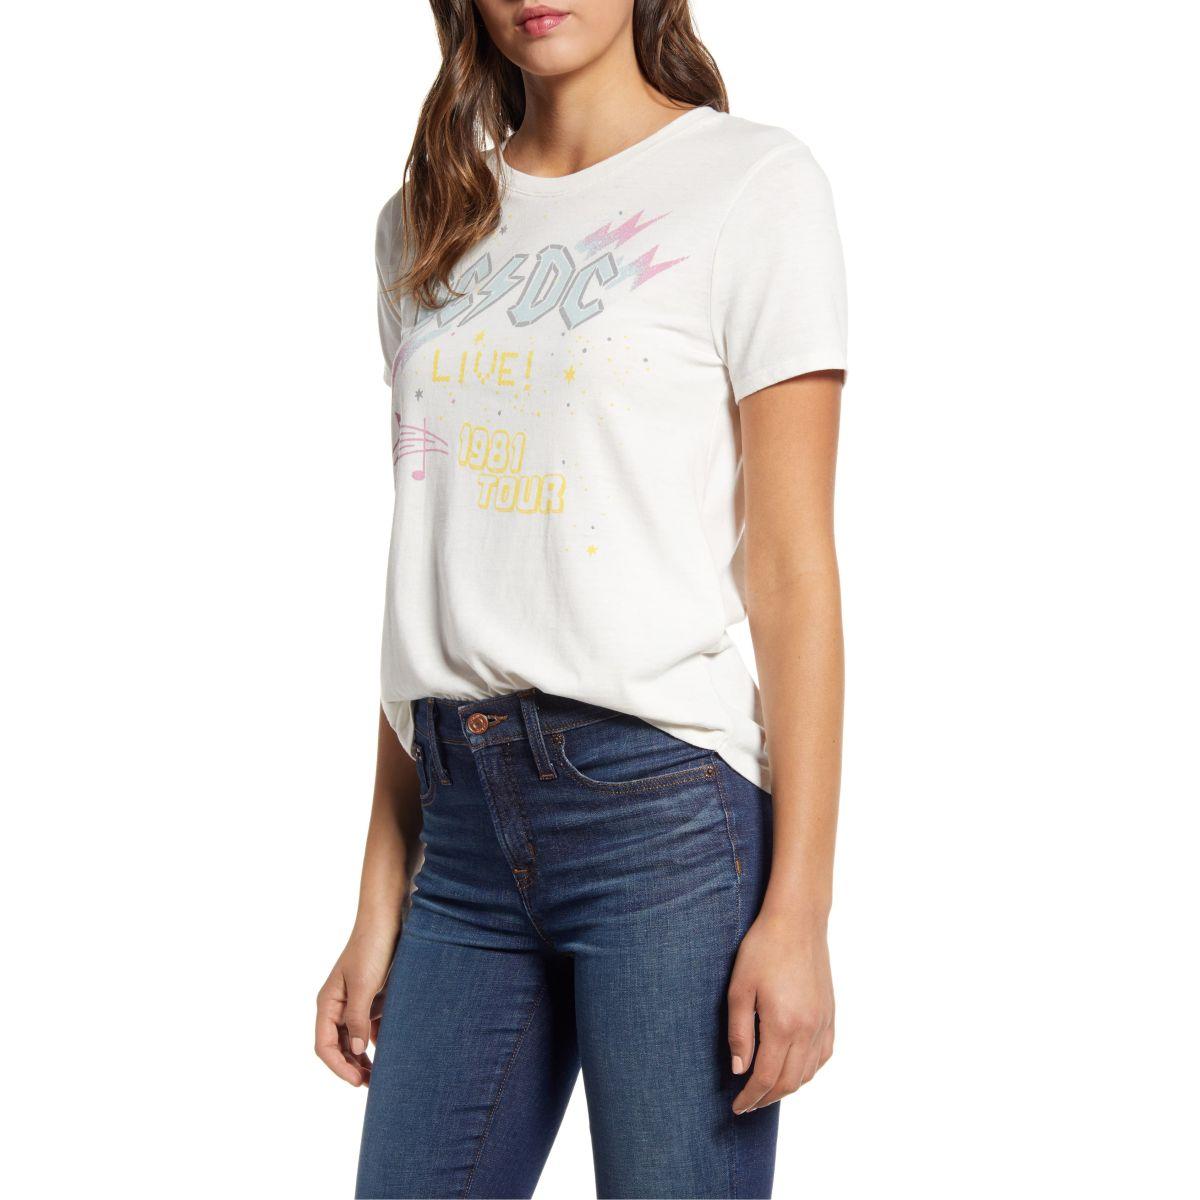 AC/DC Live 1981 Tour Pastel T-Shirt